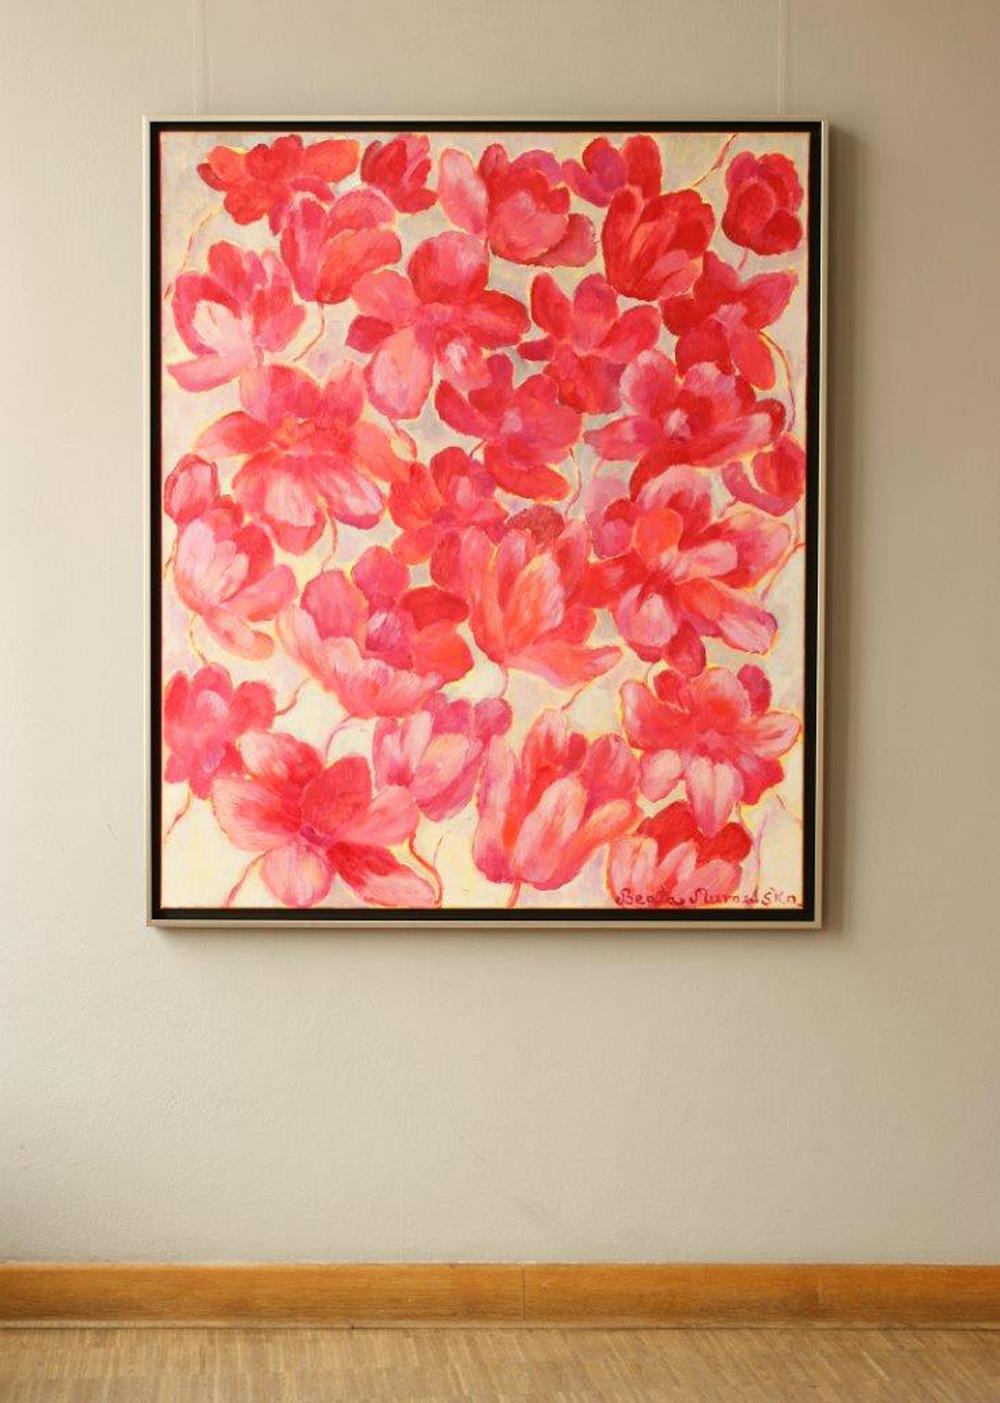 Beata Murawska : Pink flowers on gray